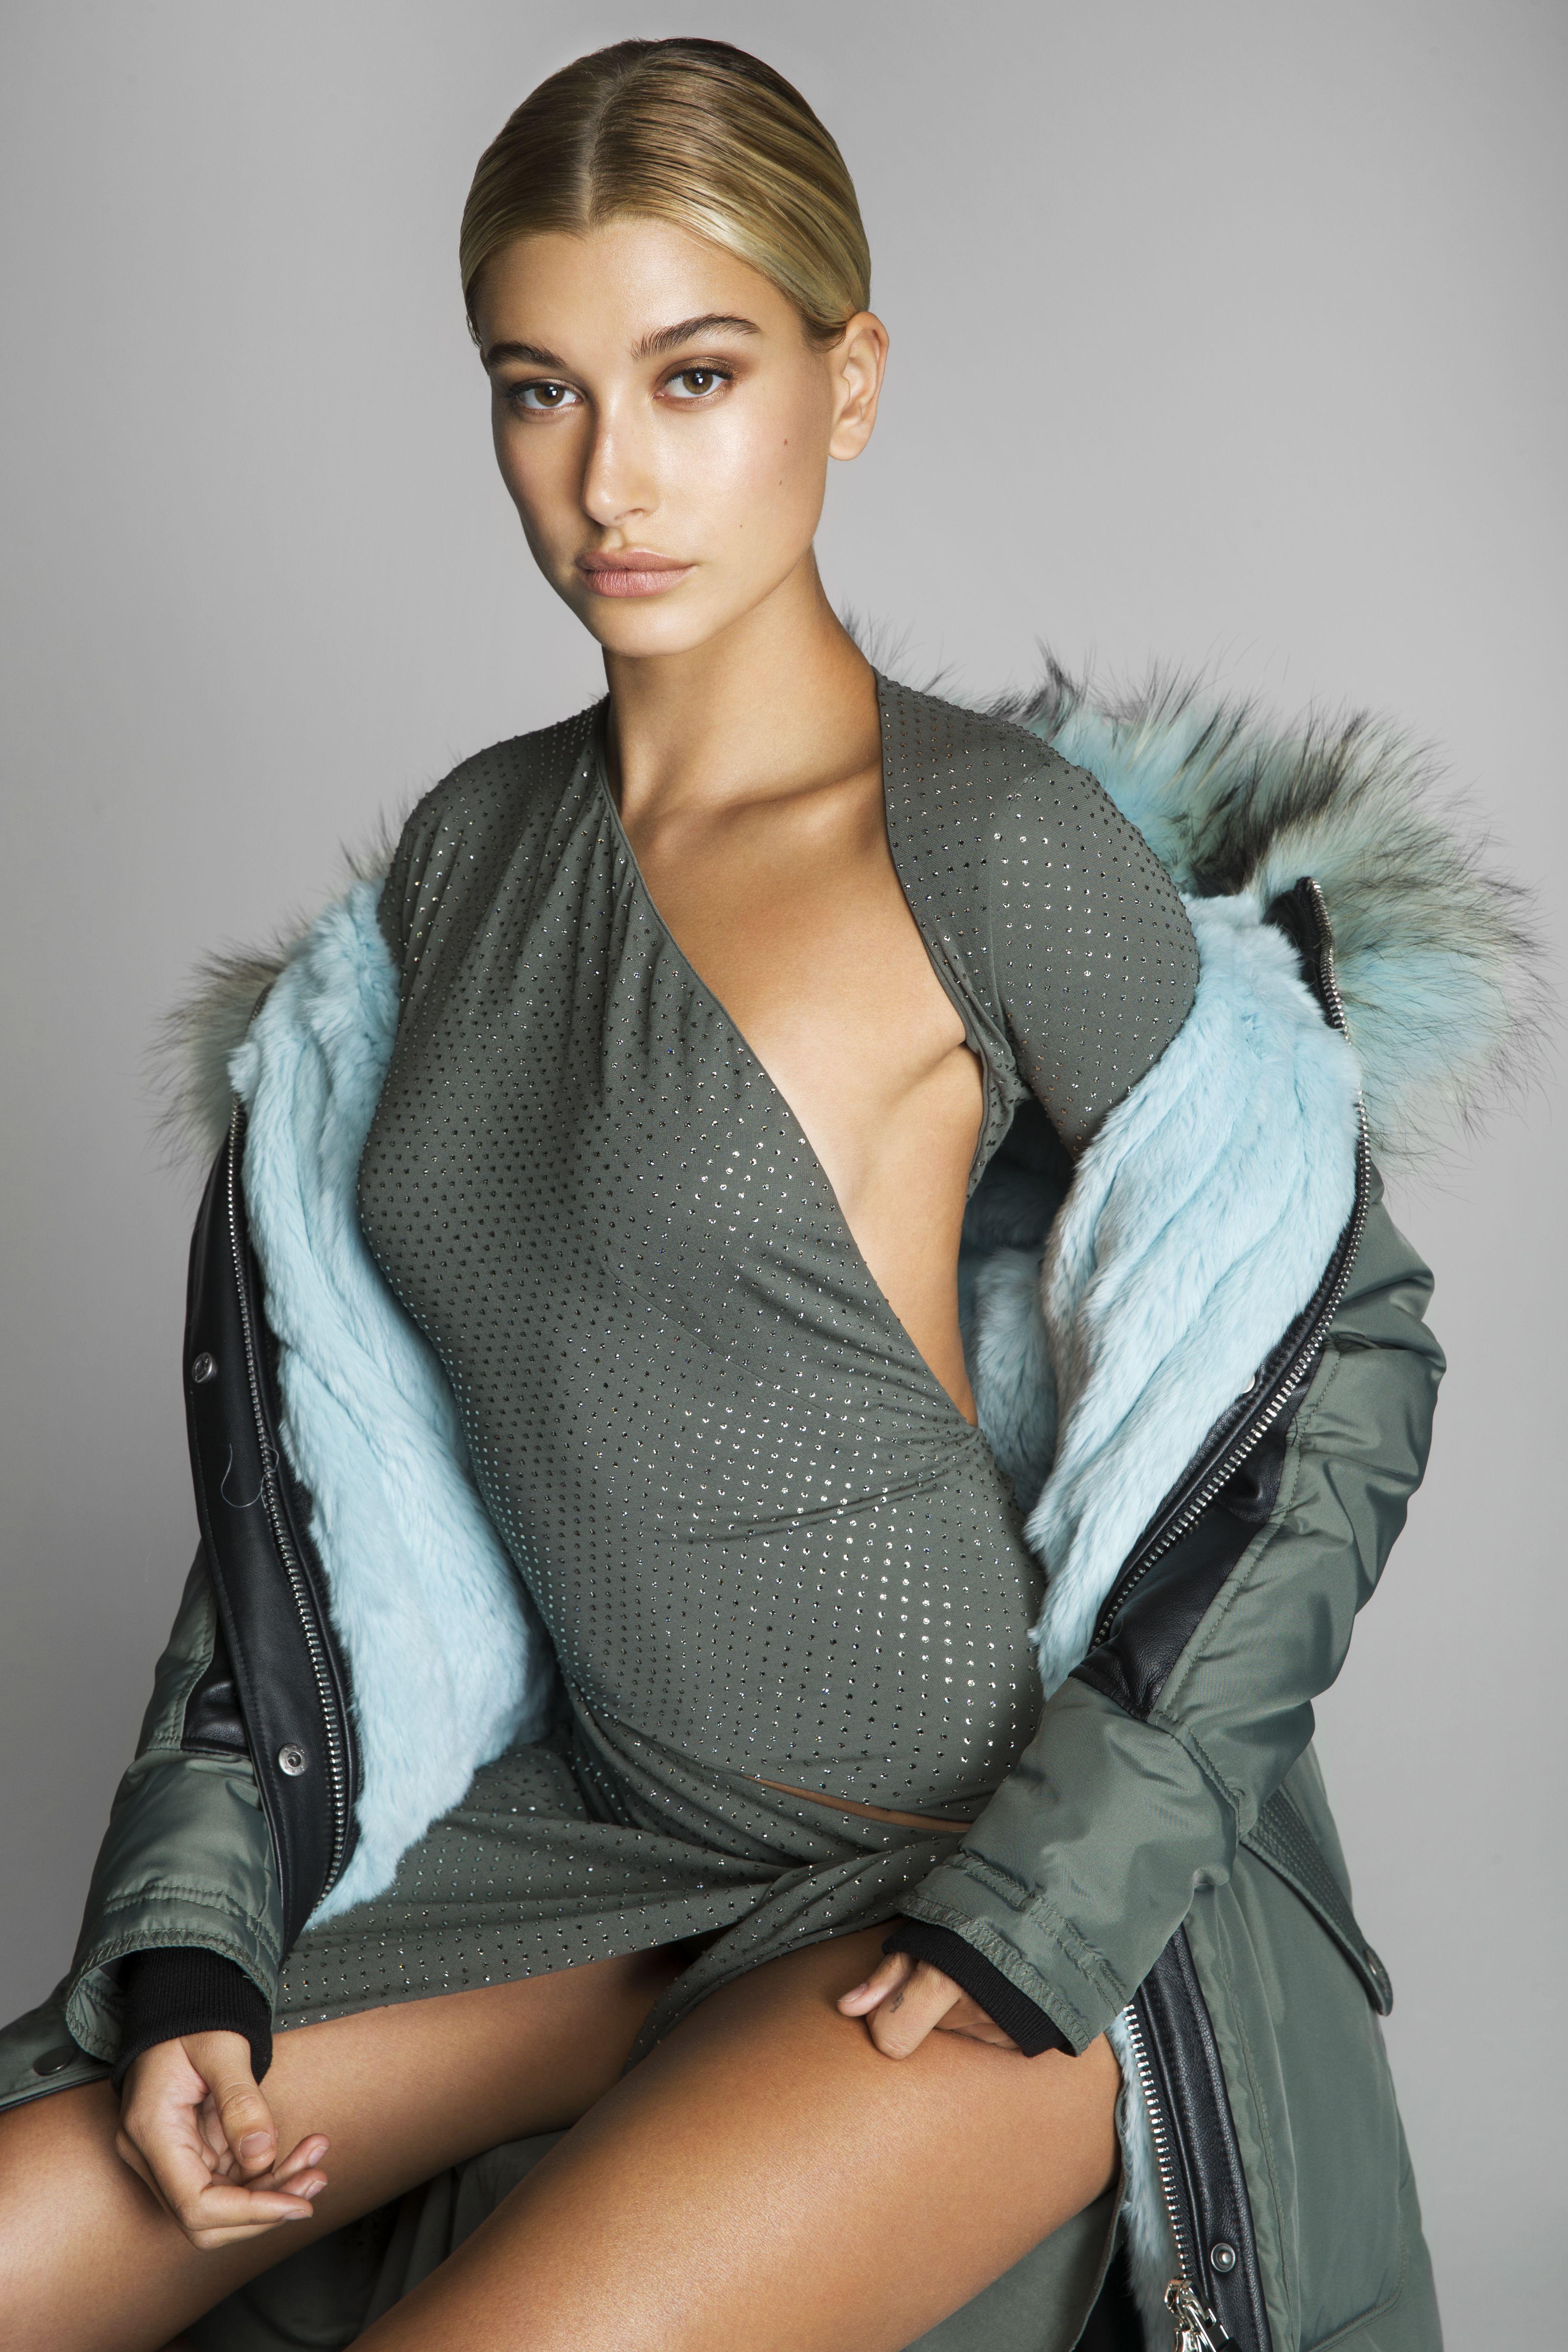 Hailey Baldwin In Fashion Magazine October 2017 Issue: Hailey Baldwin Sexy